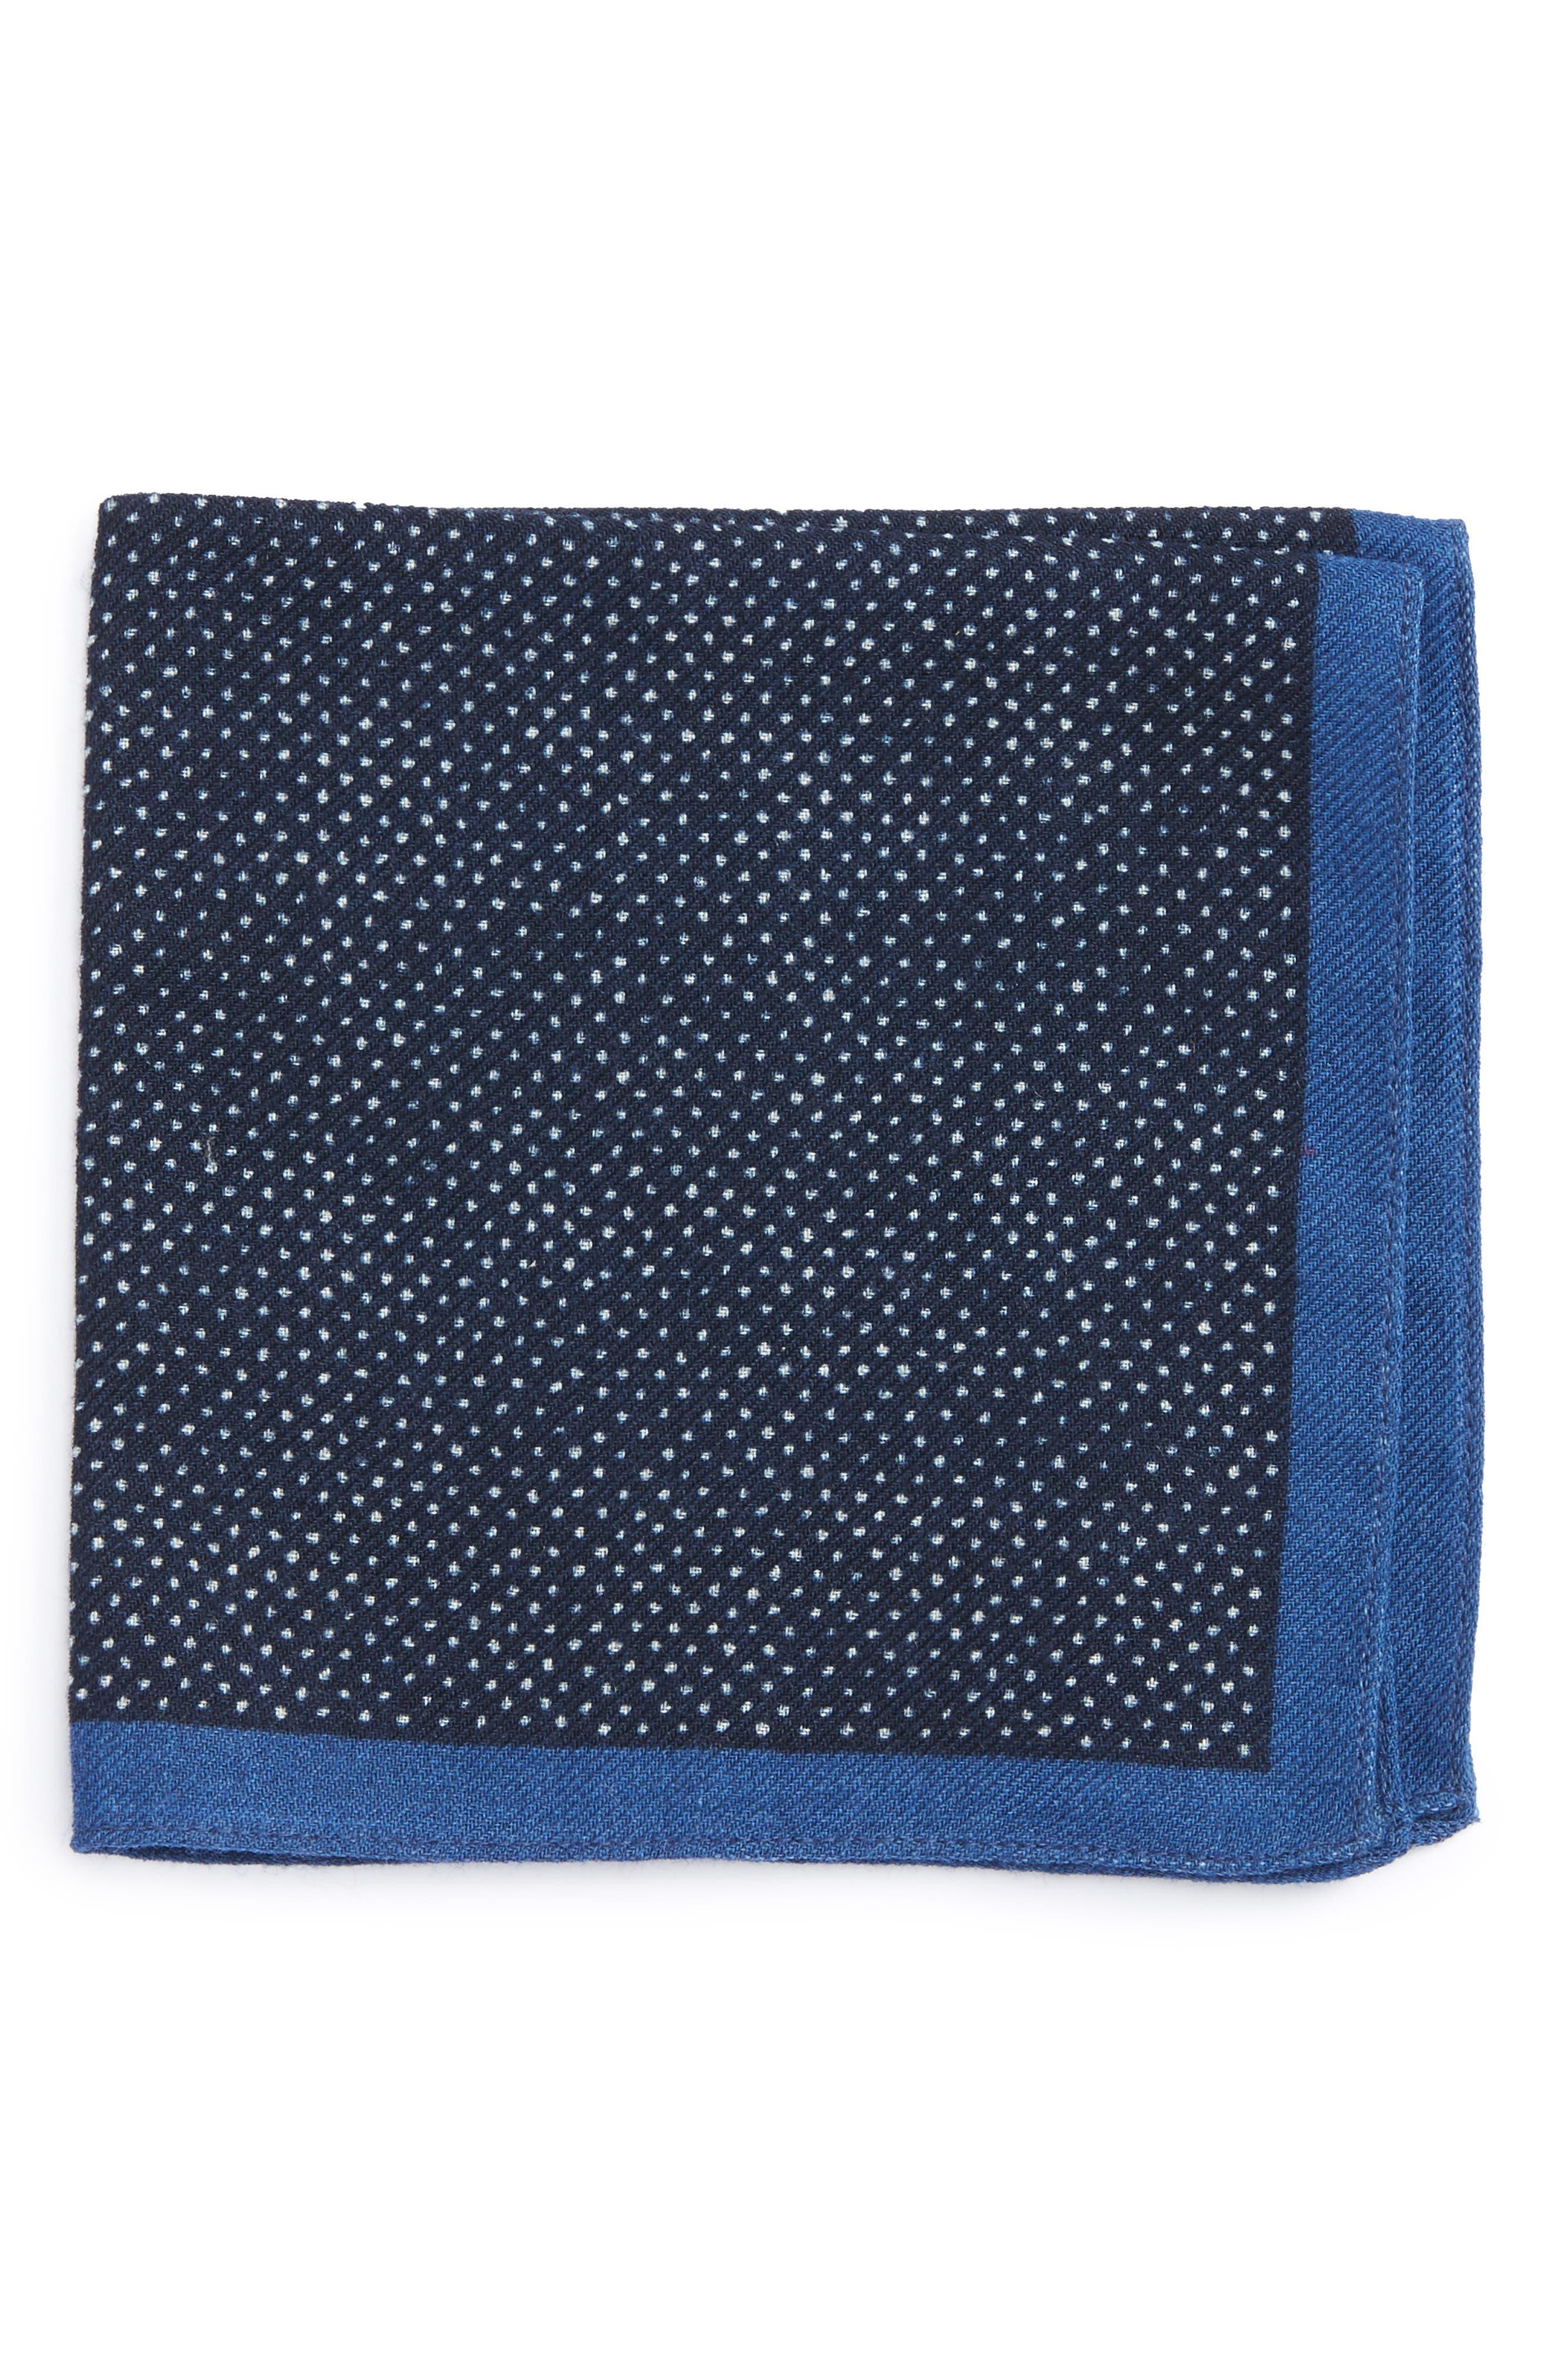 Dot Wool Pocket Square,                         Main,                         color, Navy